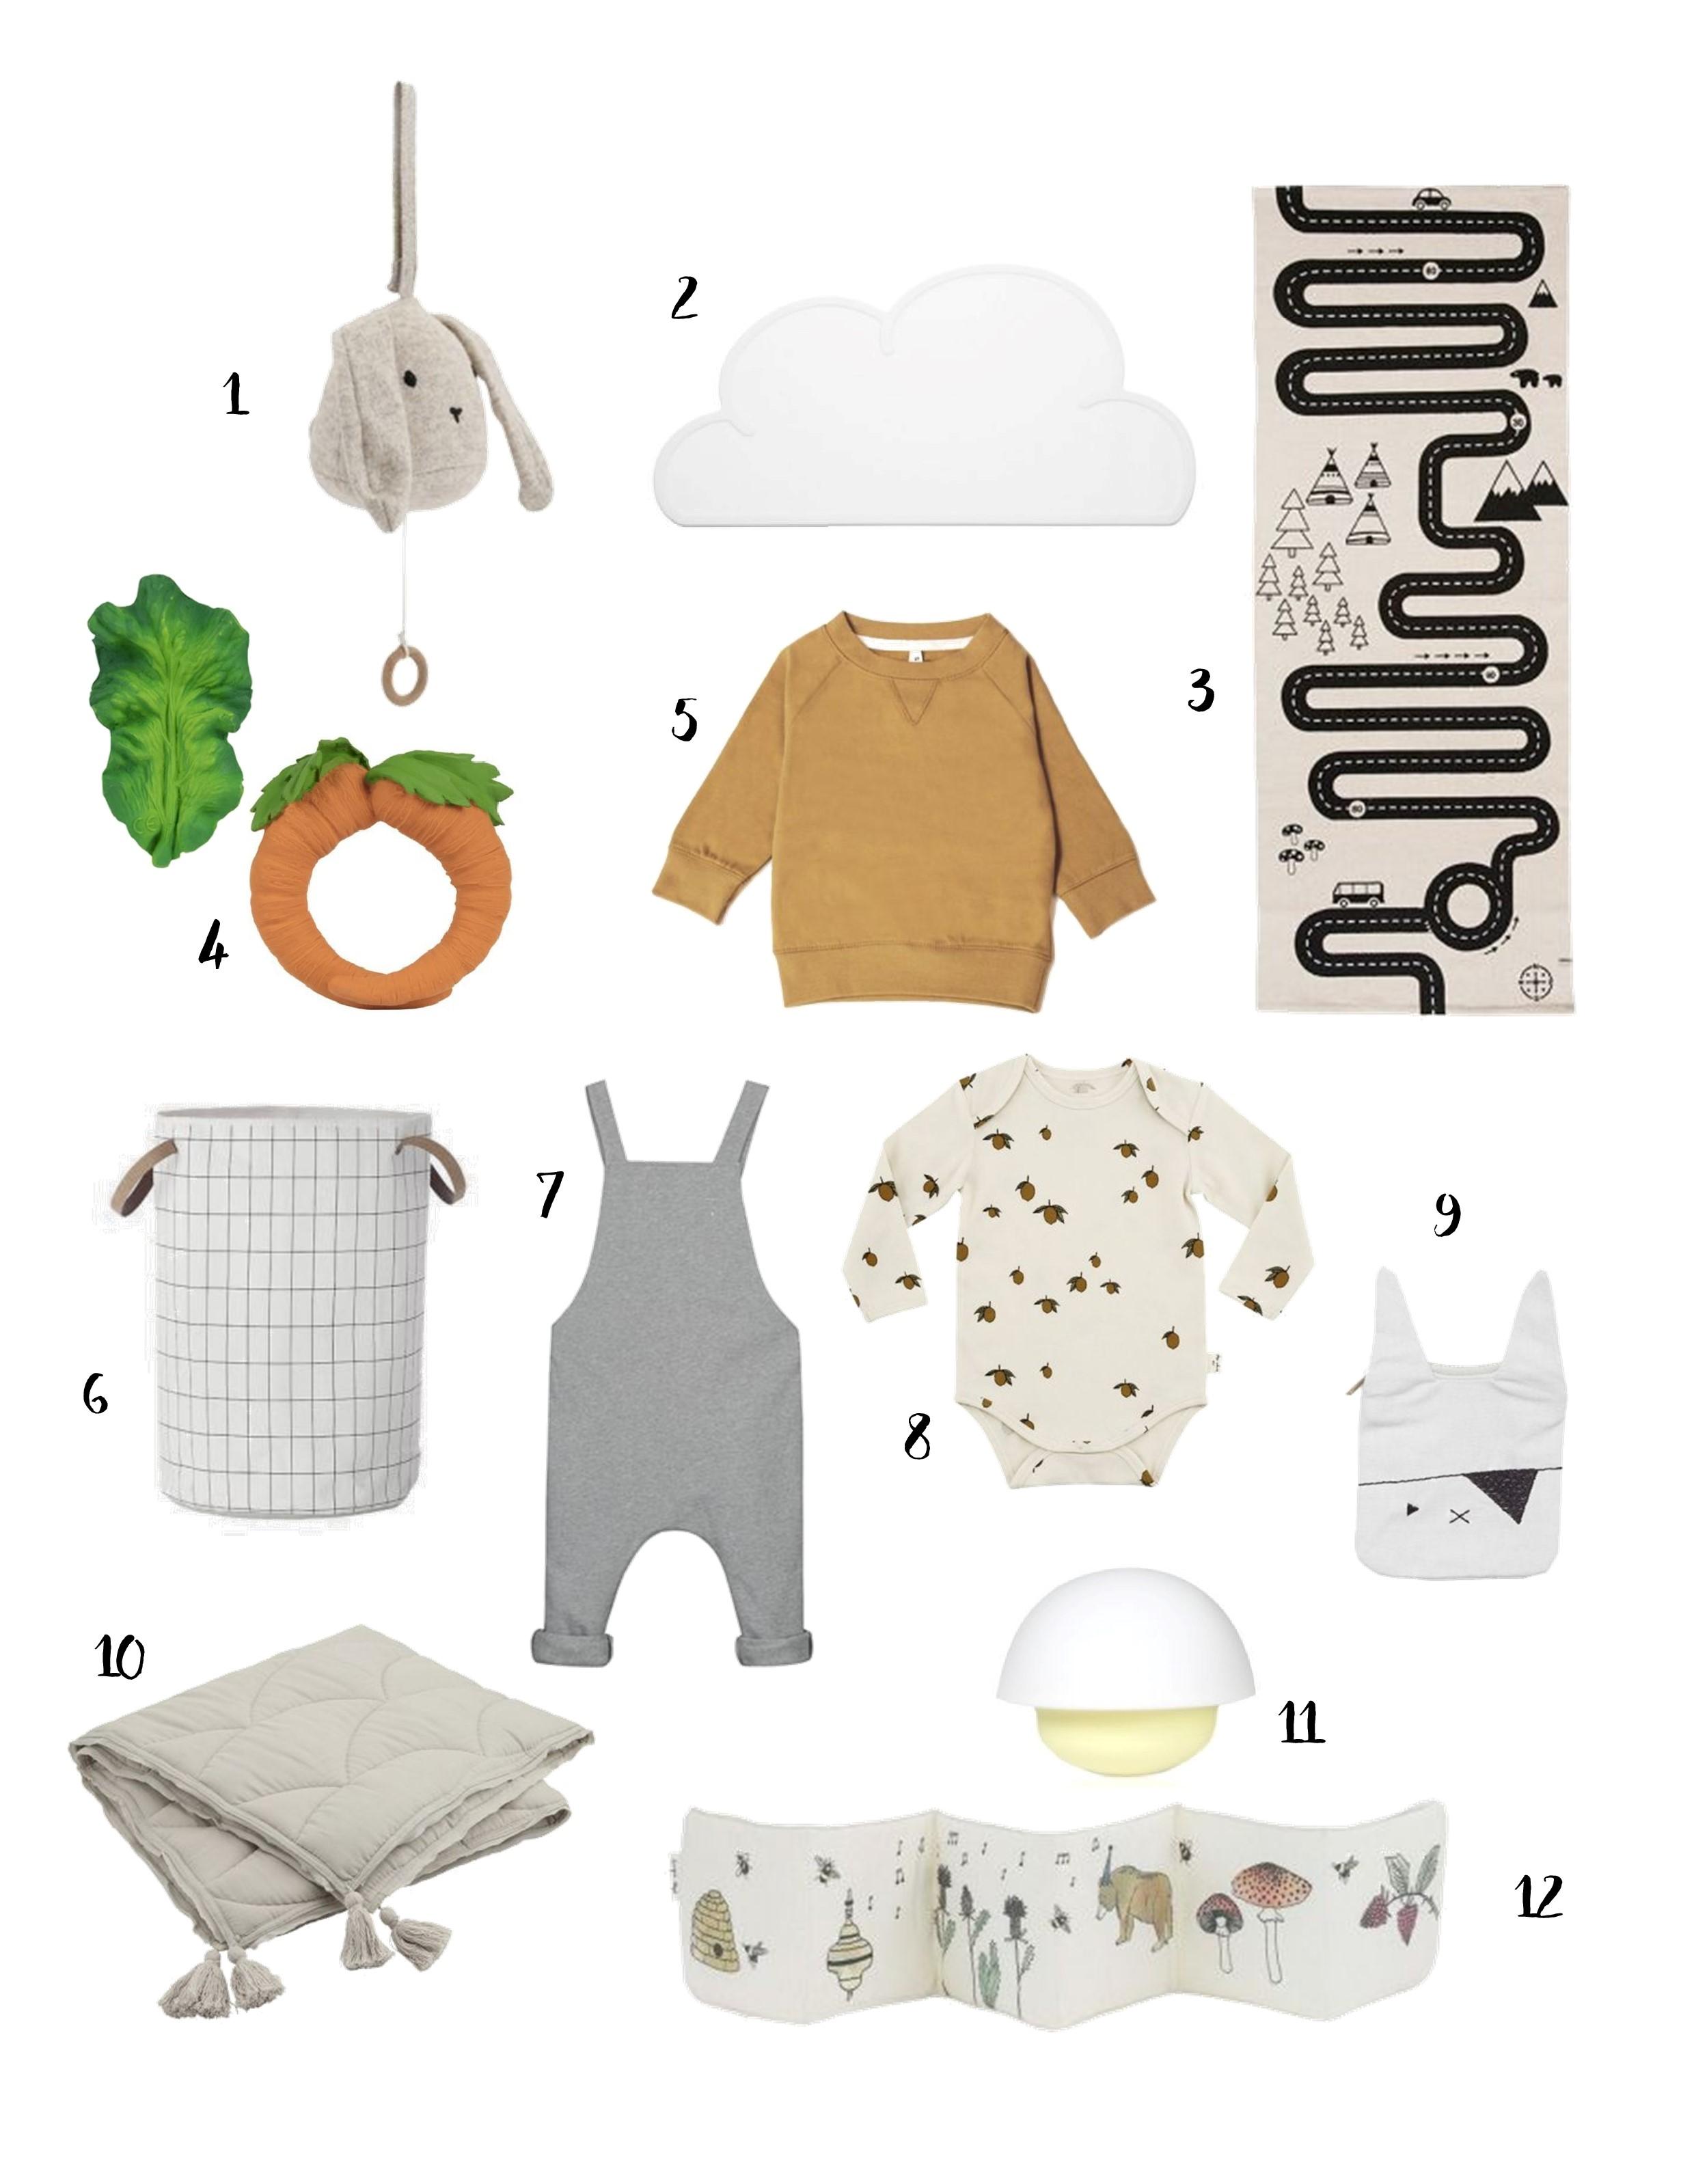 Baby Kinderbett Cam Nap Beige Mit Reisetasche Kindheit Baby Camping